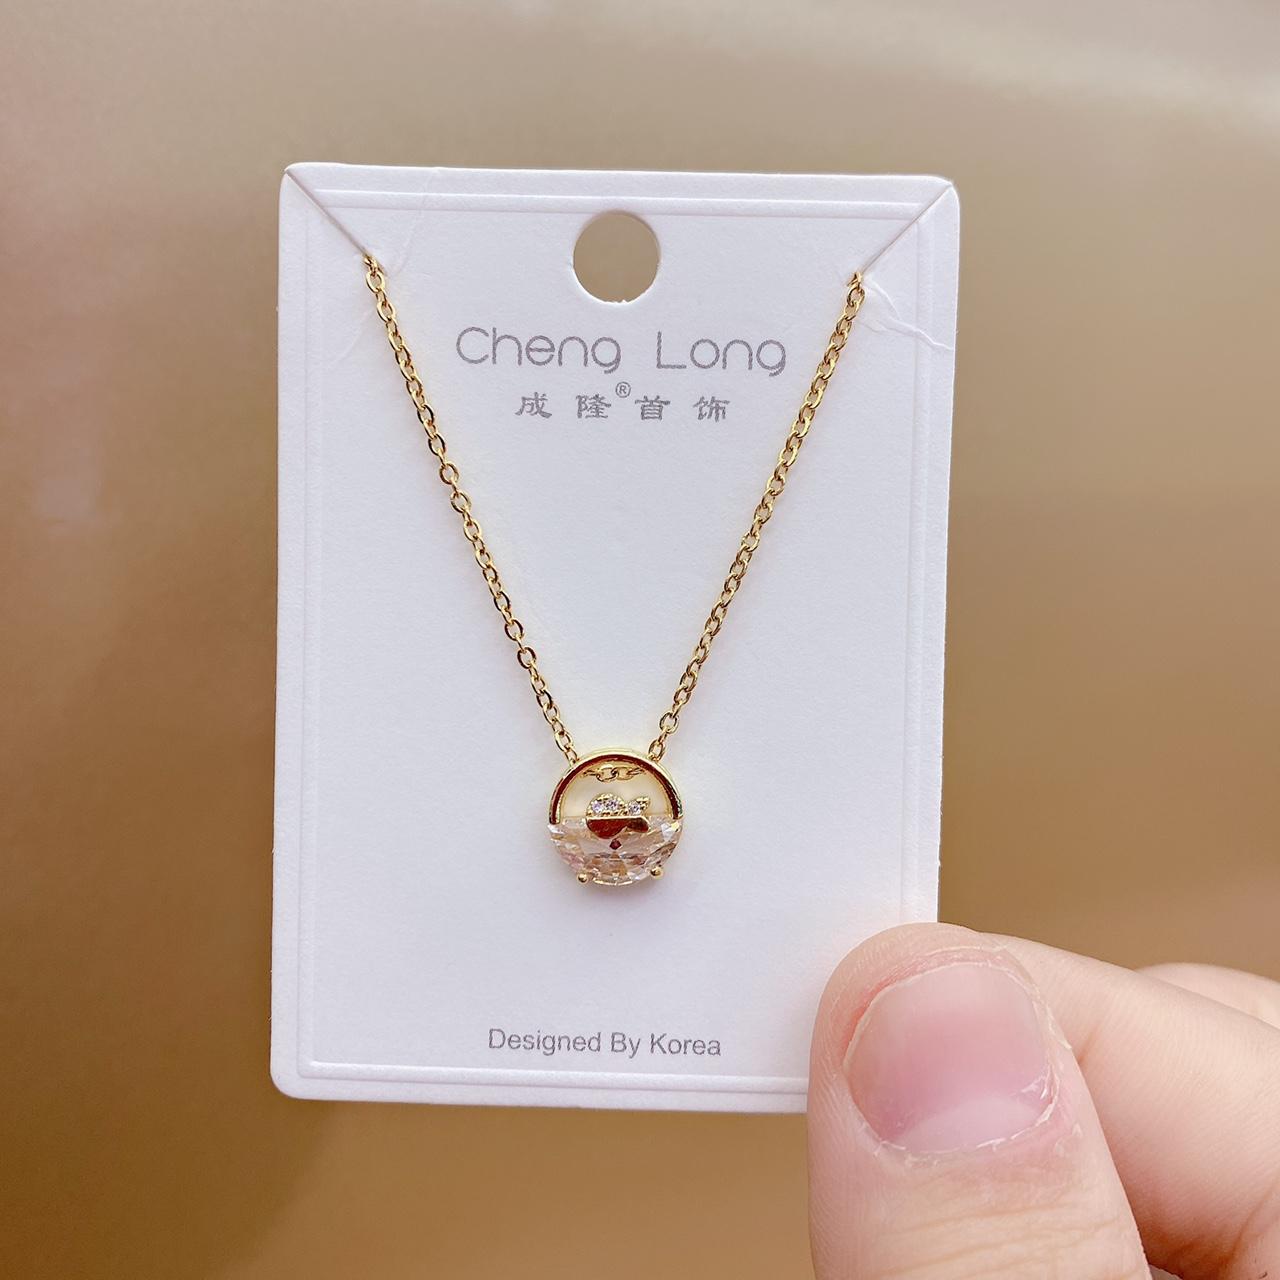 成隆首饰项链2021年新款女钛钢锁骨链轻奢小众设计感短款简约配饰潮防褪色C0999-40